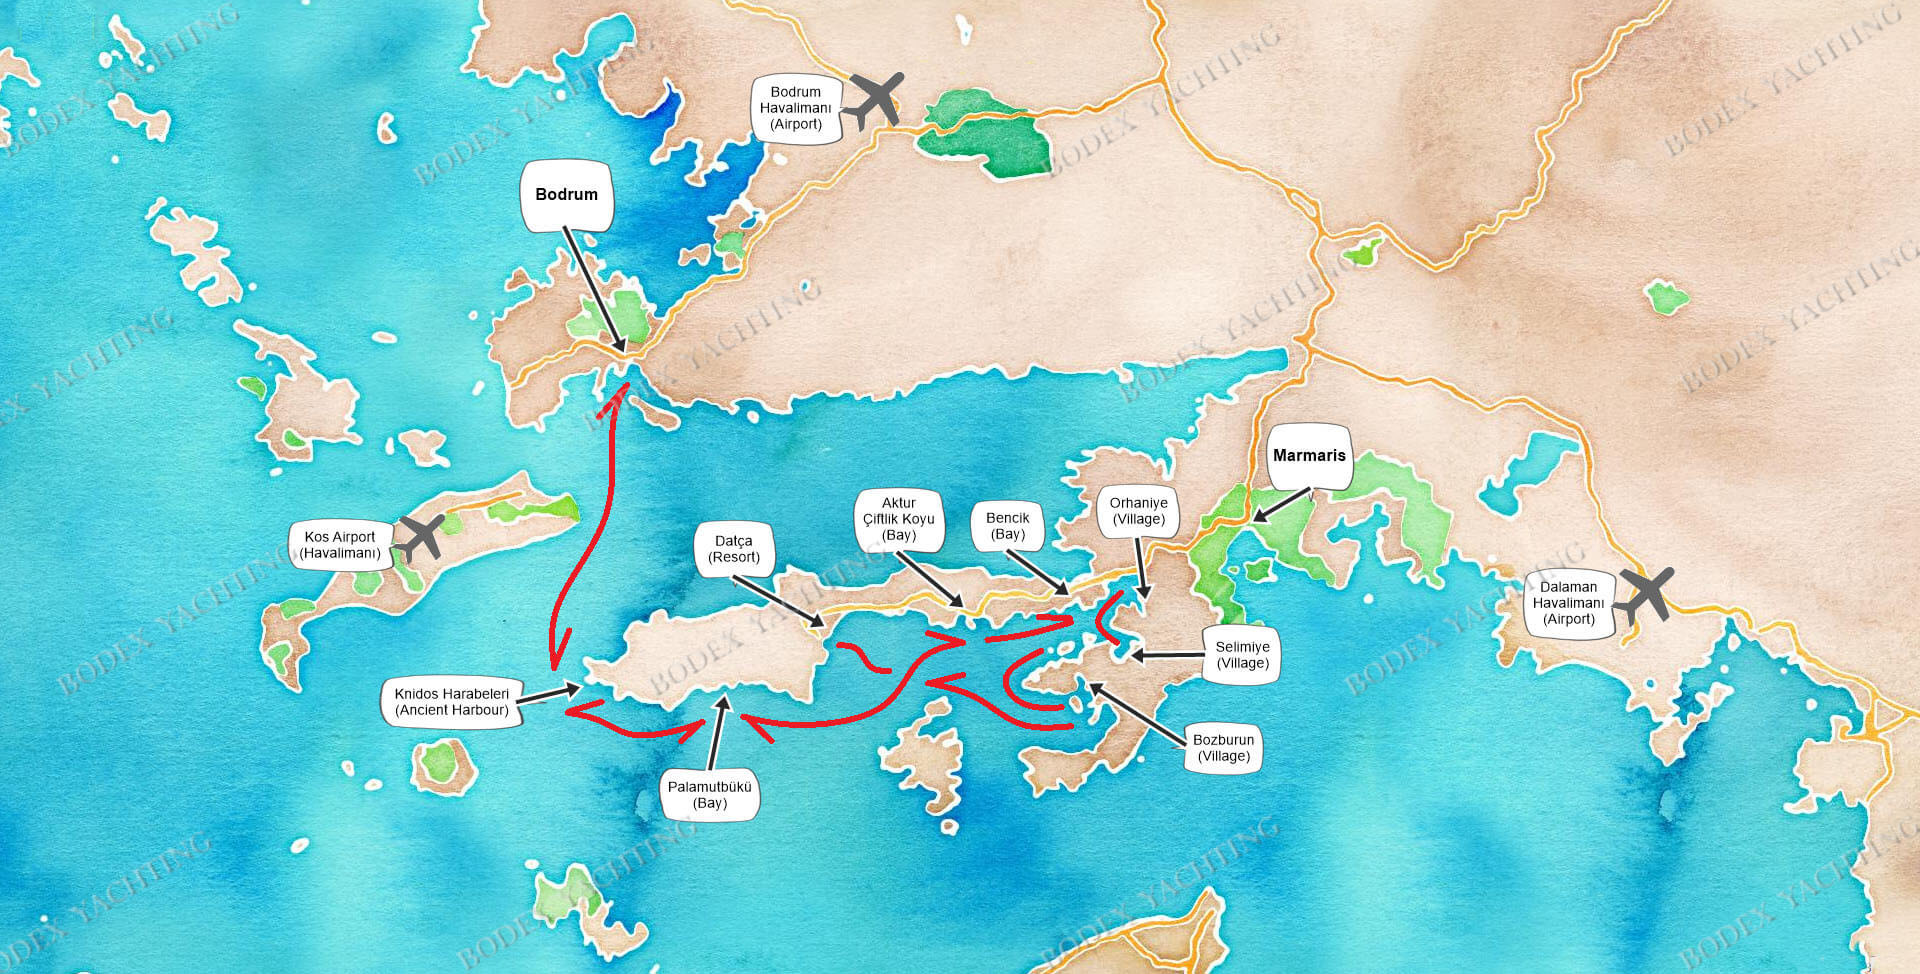 Route Bodrum - Hisarönü - Bodrum